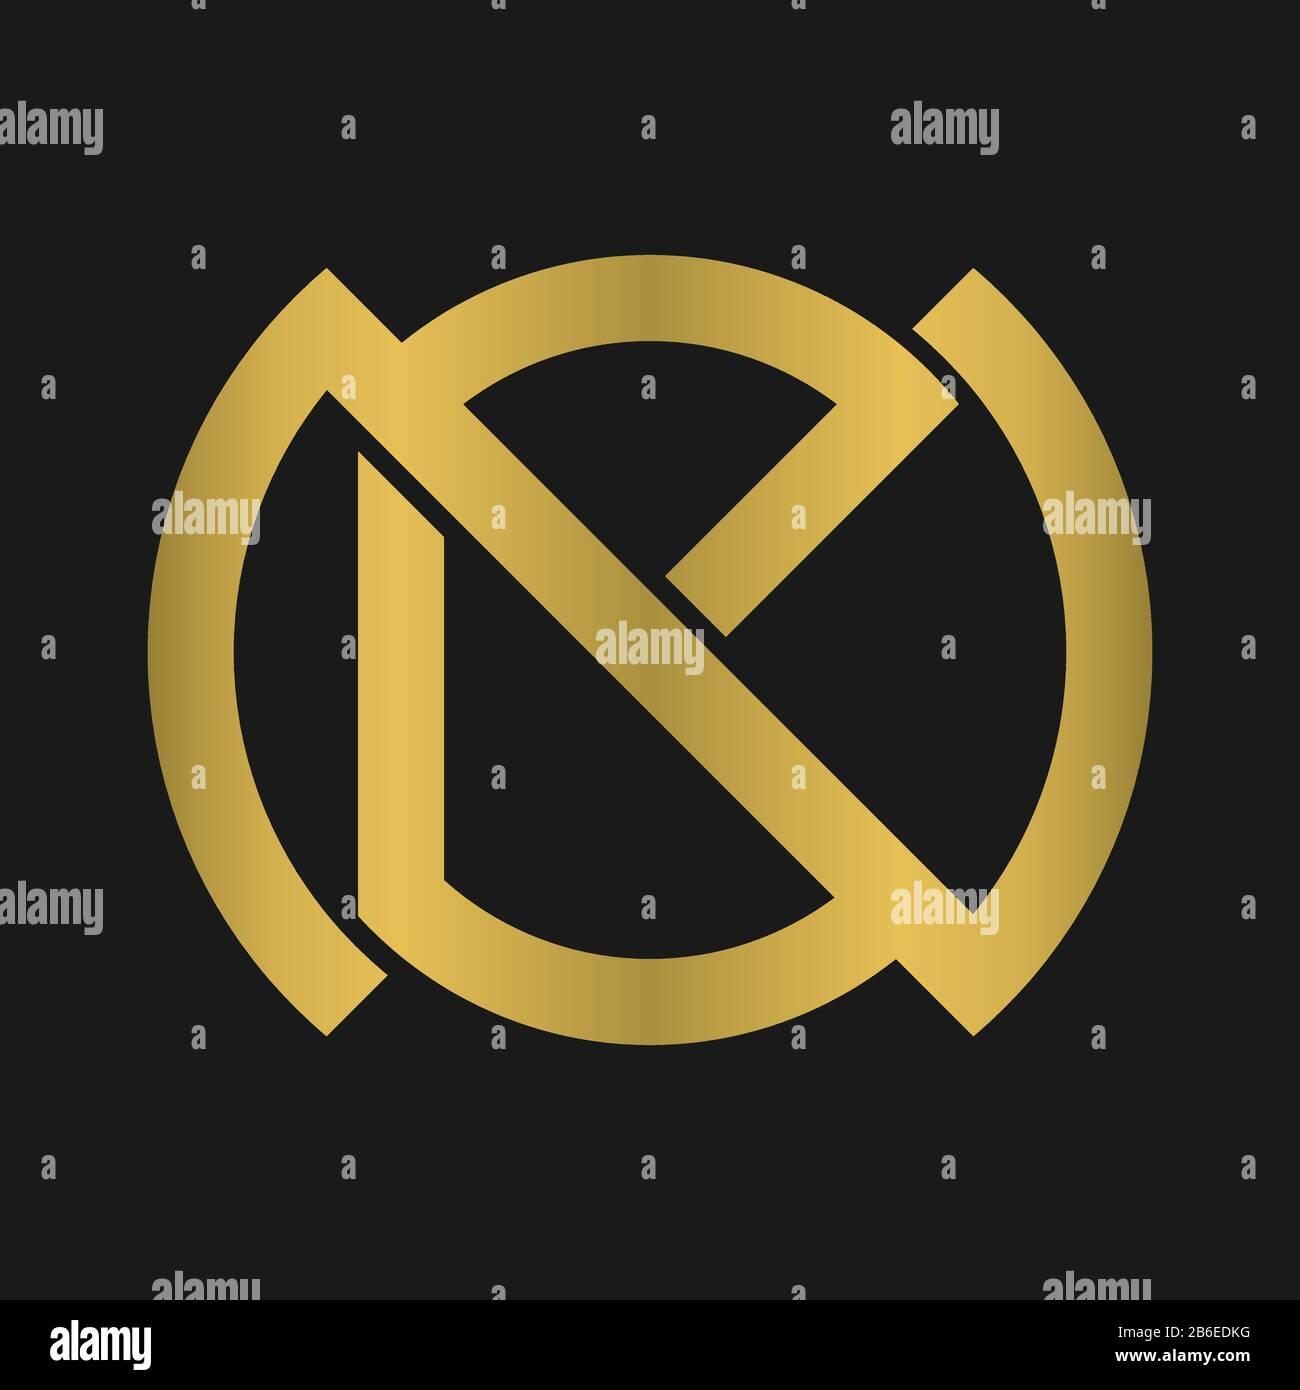 N B Nb Bn Letter Logo Design And Monogram Logo Stock Vector Image Art Alamy